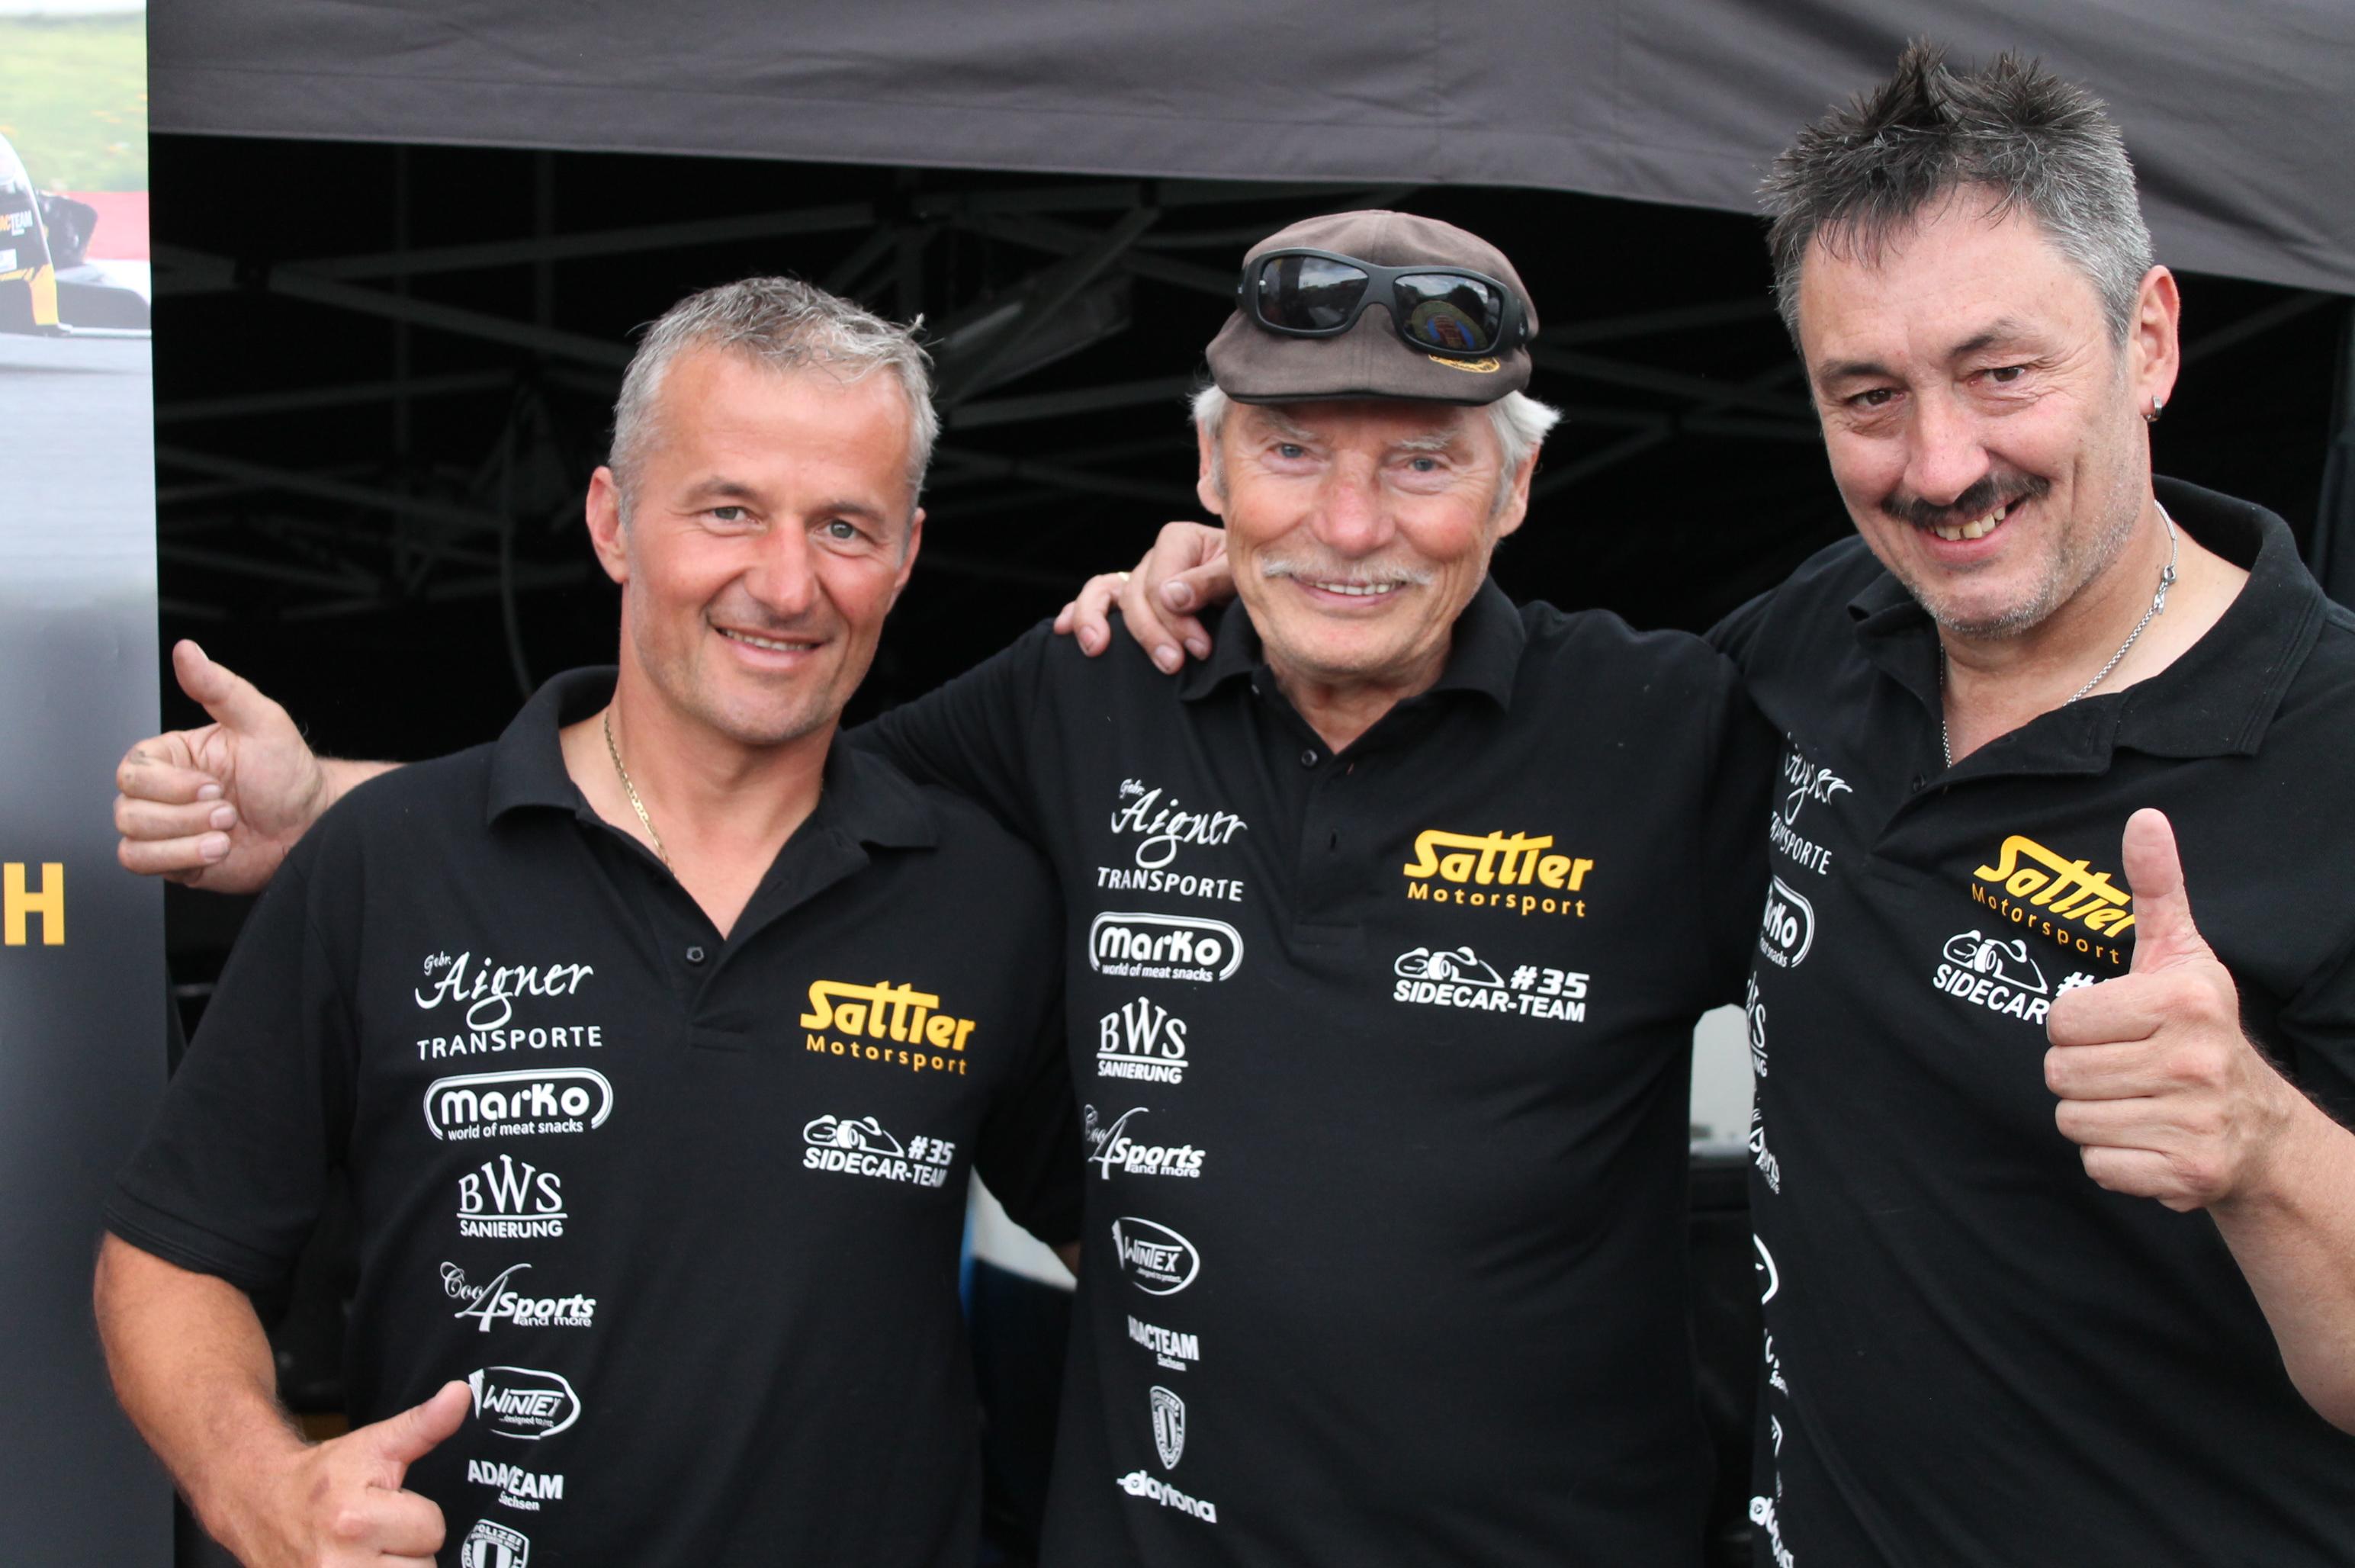 IDM Sidecar: Happy birthday und alles Gute für Champion Rolf Steinhausen